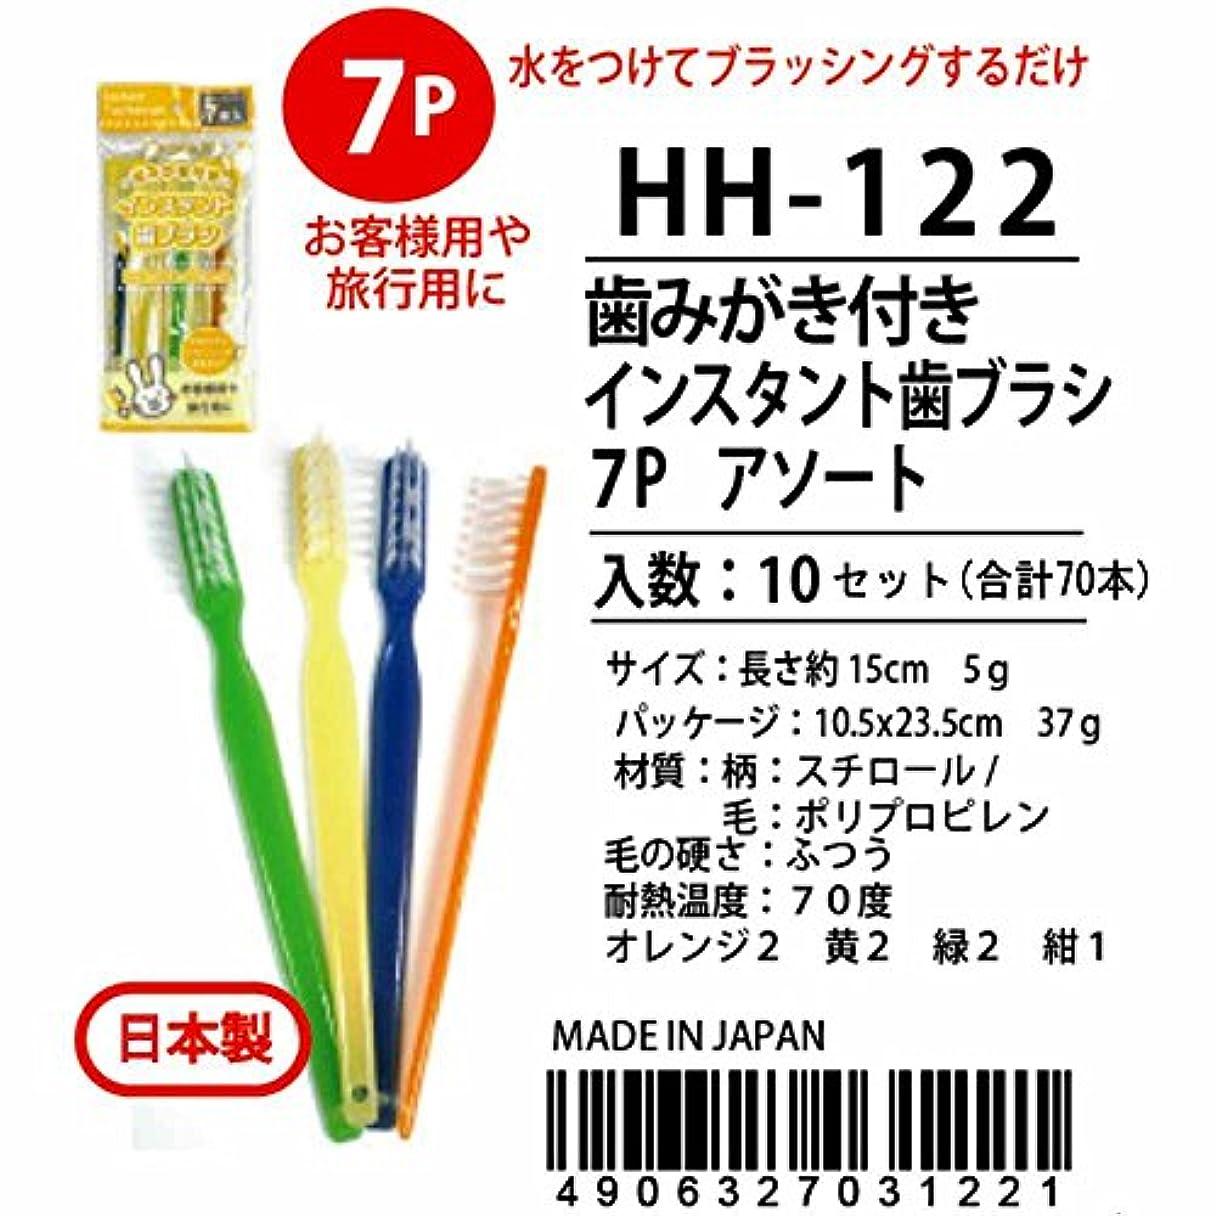 生き残りますタンク心理的スバル 歯みがき付きインスタント歯ブラシ7P アソート HH-122 【まとめ買い10個セット】